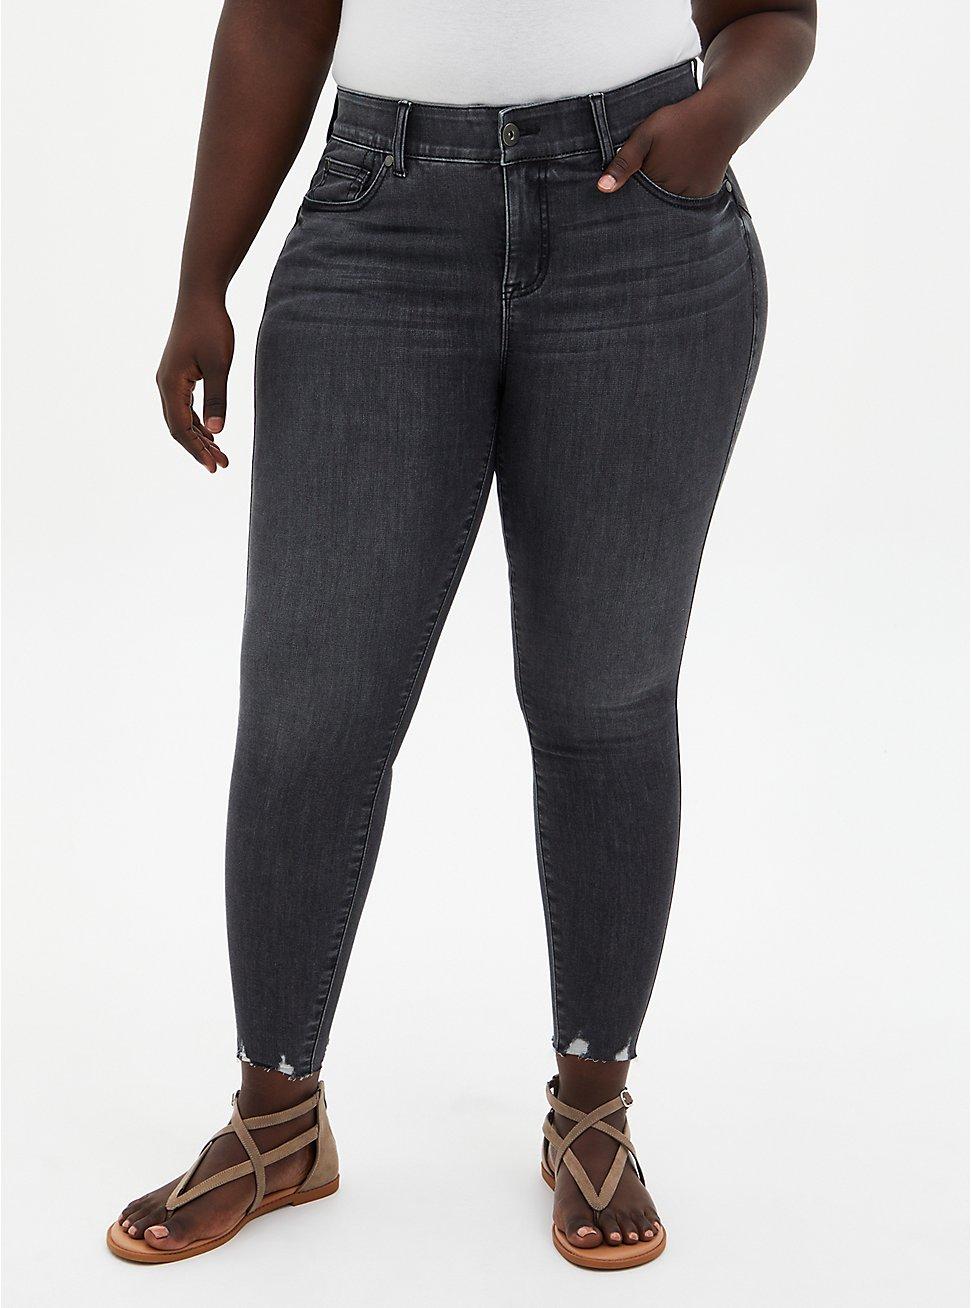 Bombshell Skinny Jean - Super Soft Washed Black With Destructed Hem, , fitModel1-hires